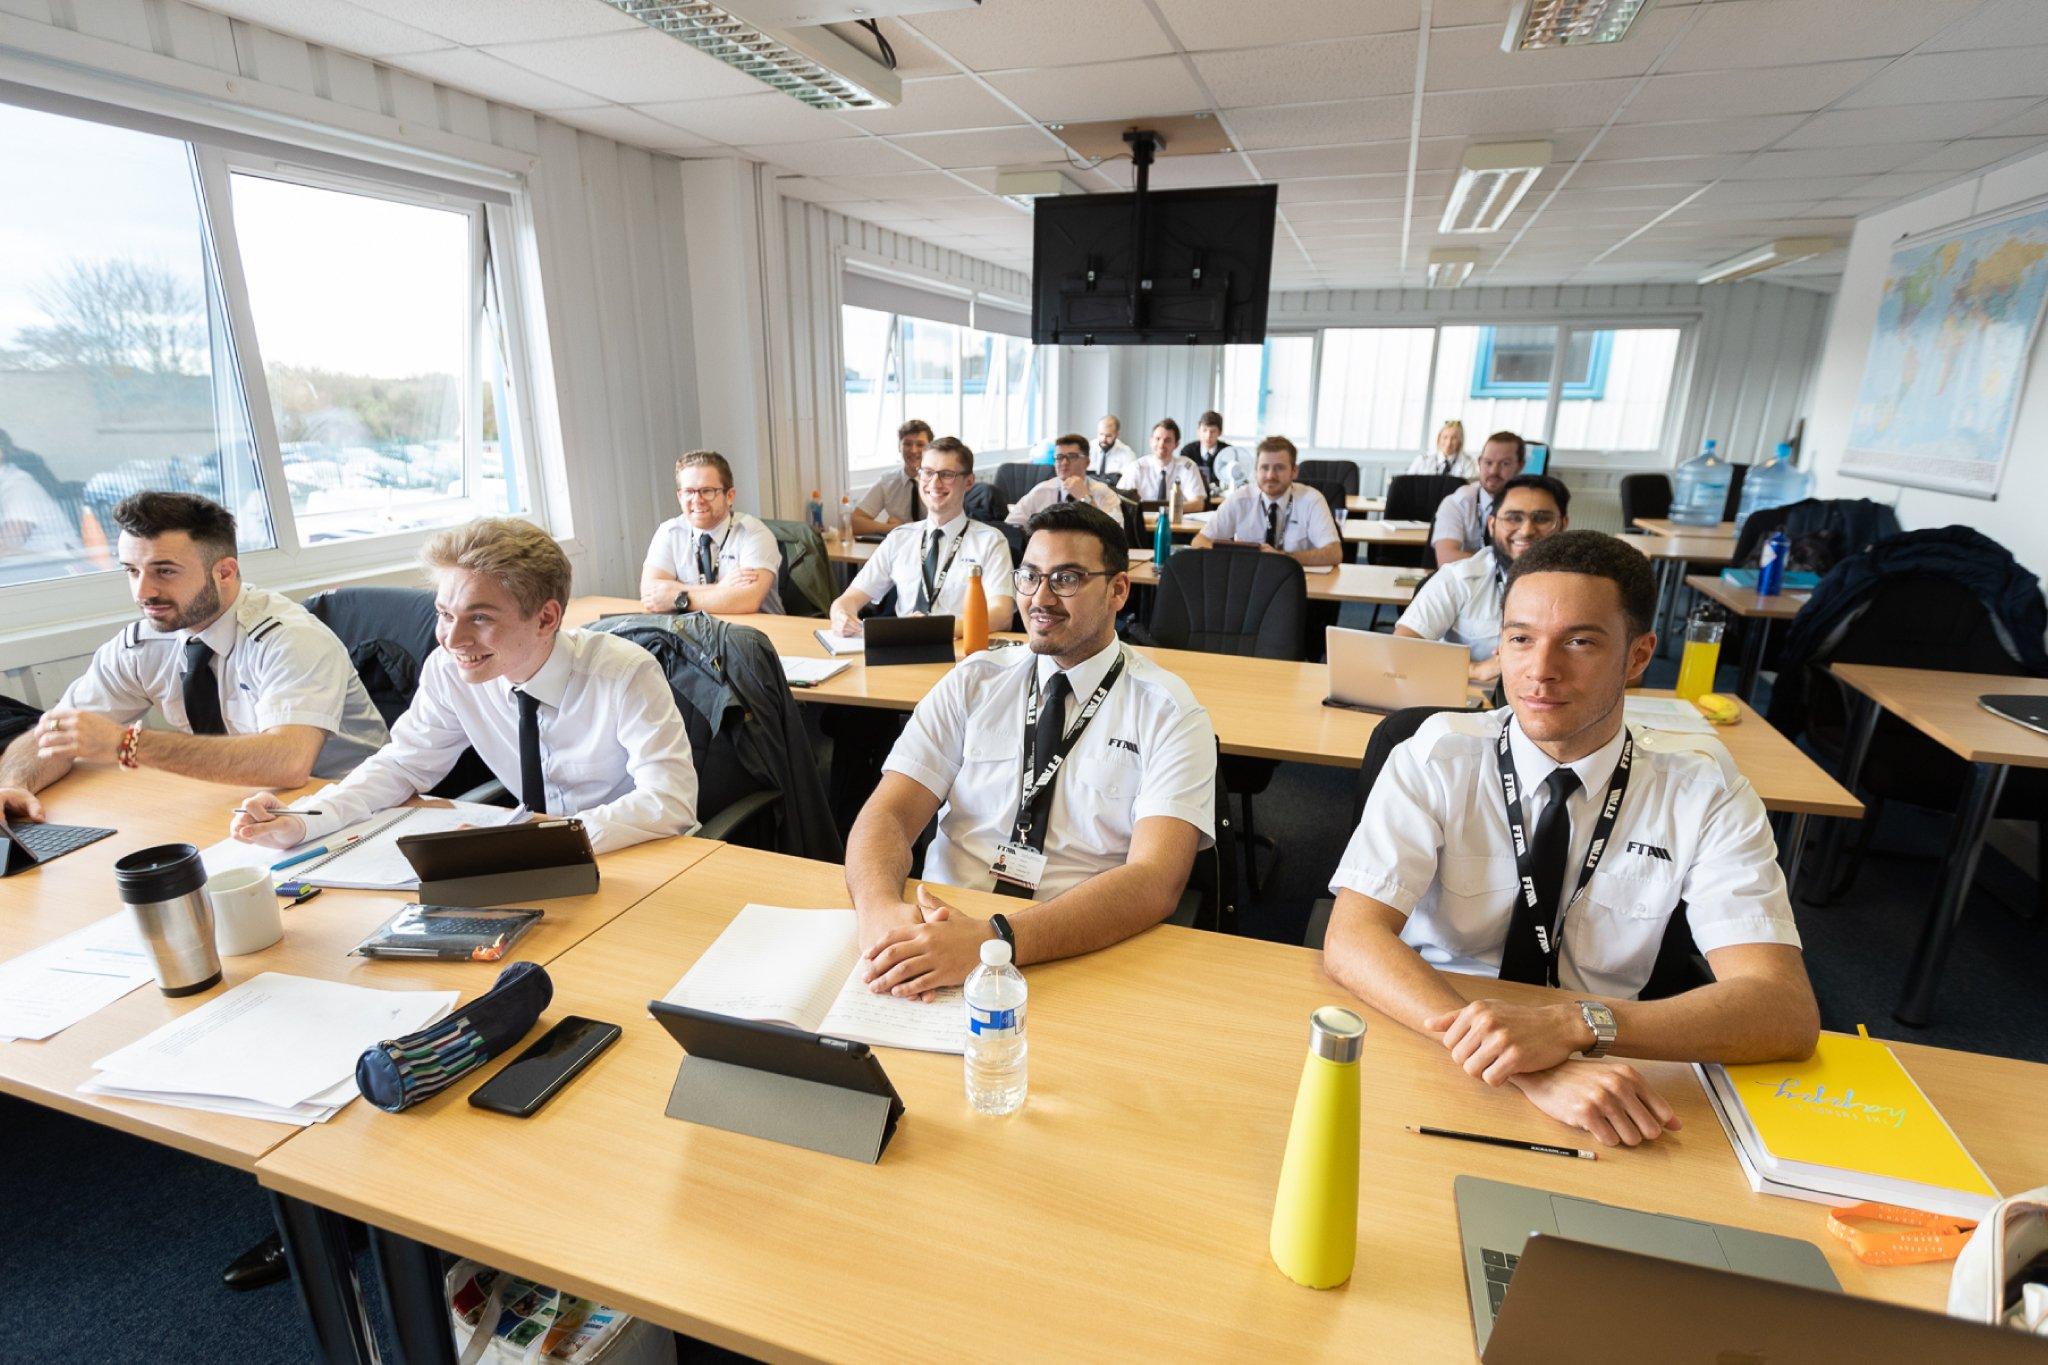 ATPL-Classroom-FTA-Students